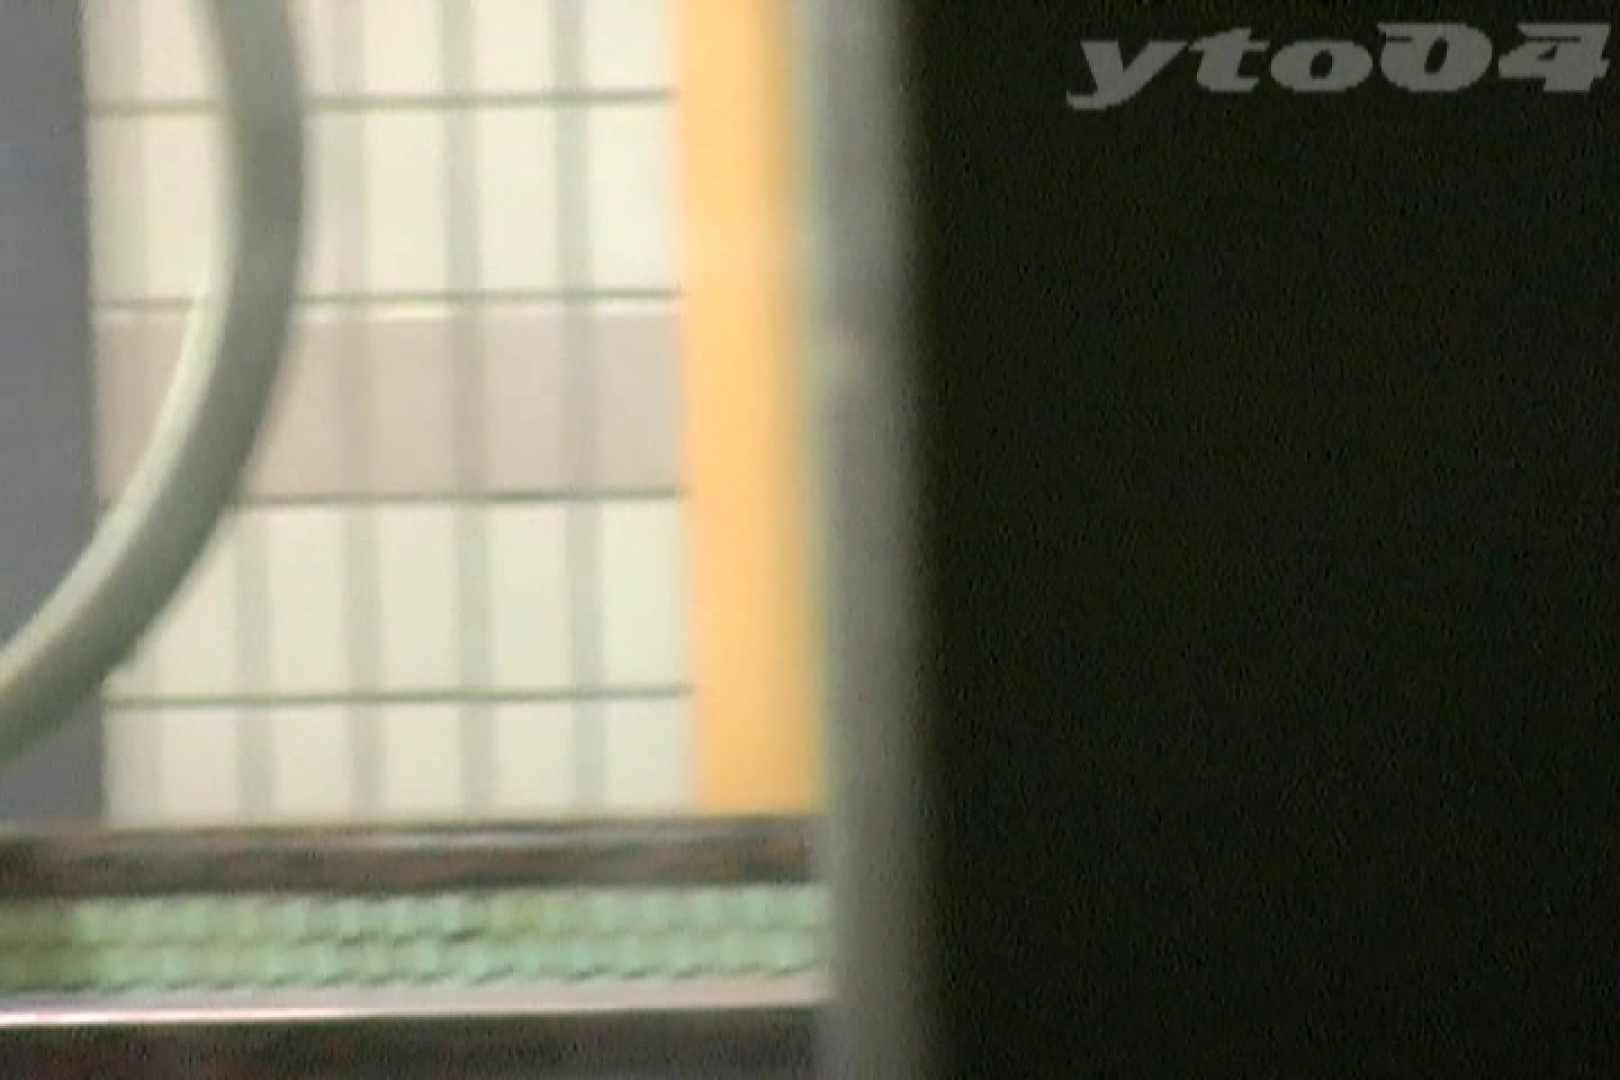 ▲復活限定▲合宿ホテル女風呂盗撮 Vol.22 盗撮名作 AV動画キャプチャ 74PIX 5